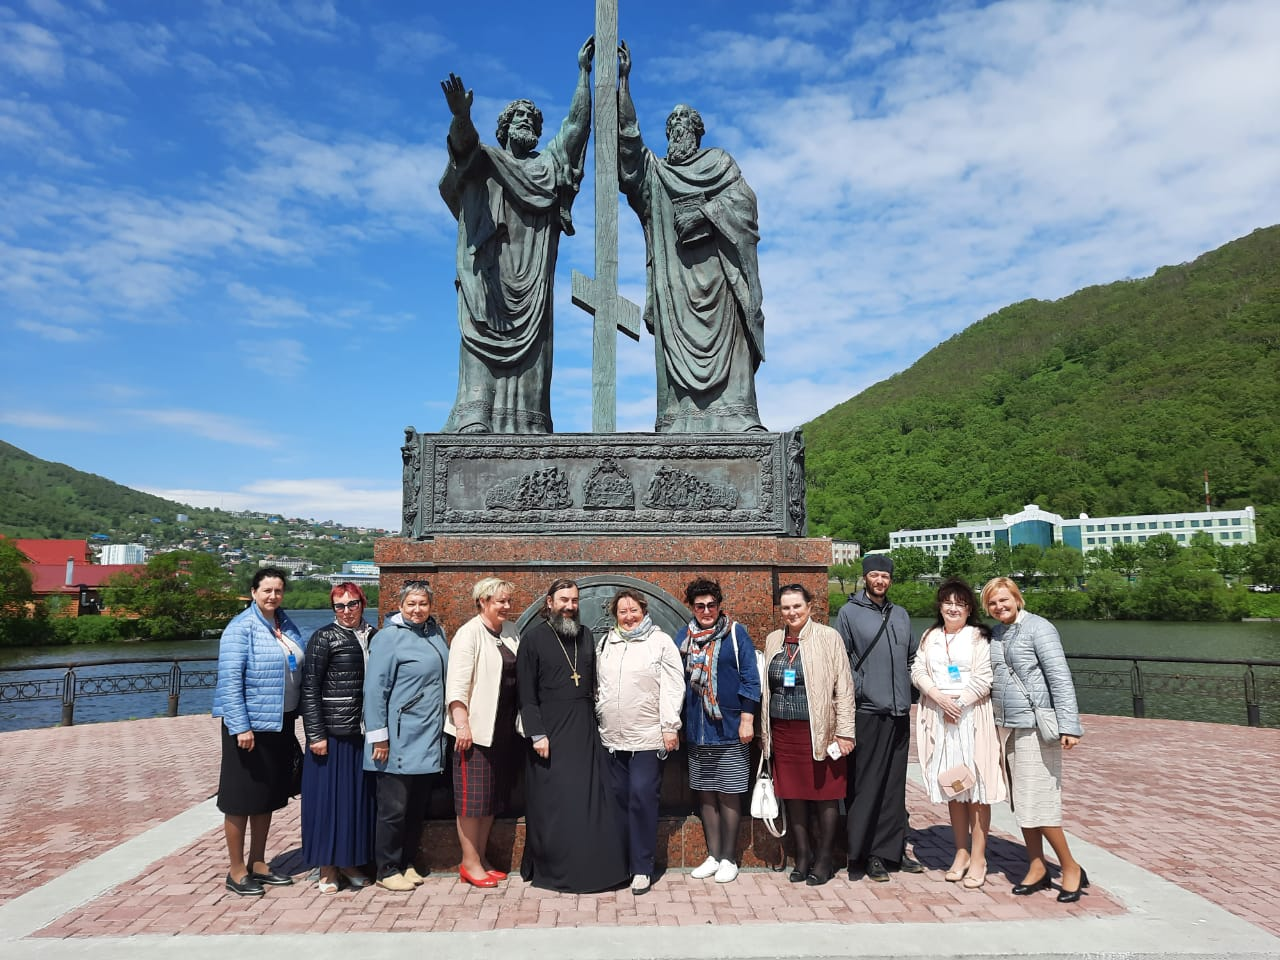 Состоялось заседание Экспертной комиссии межрегионального этапа конкурса «За нравственный подвиг учителя» по Дальневосточному федераль